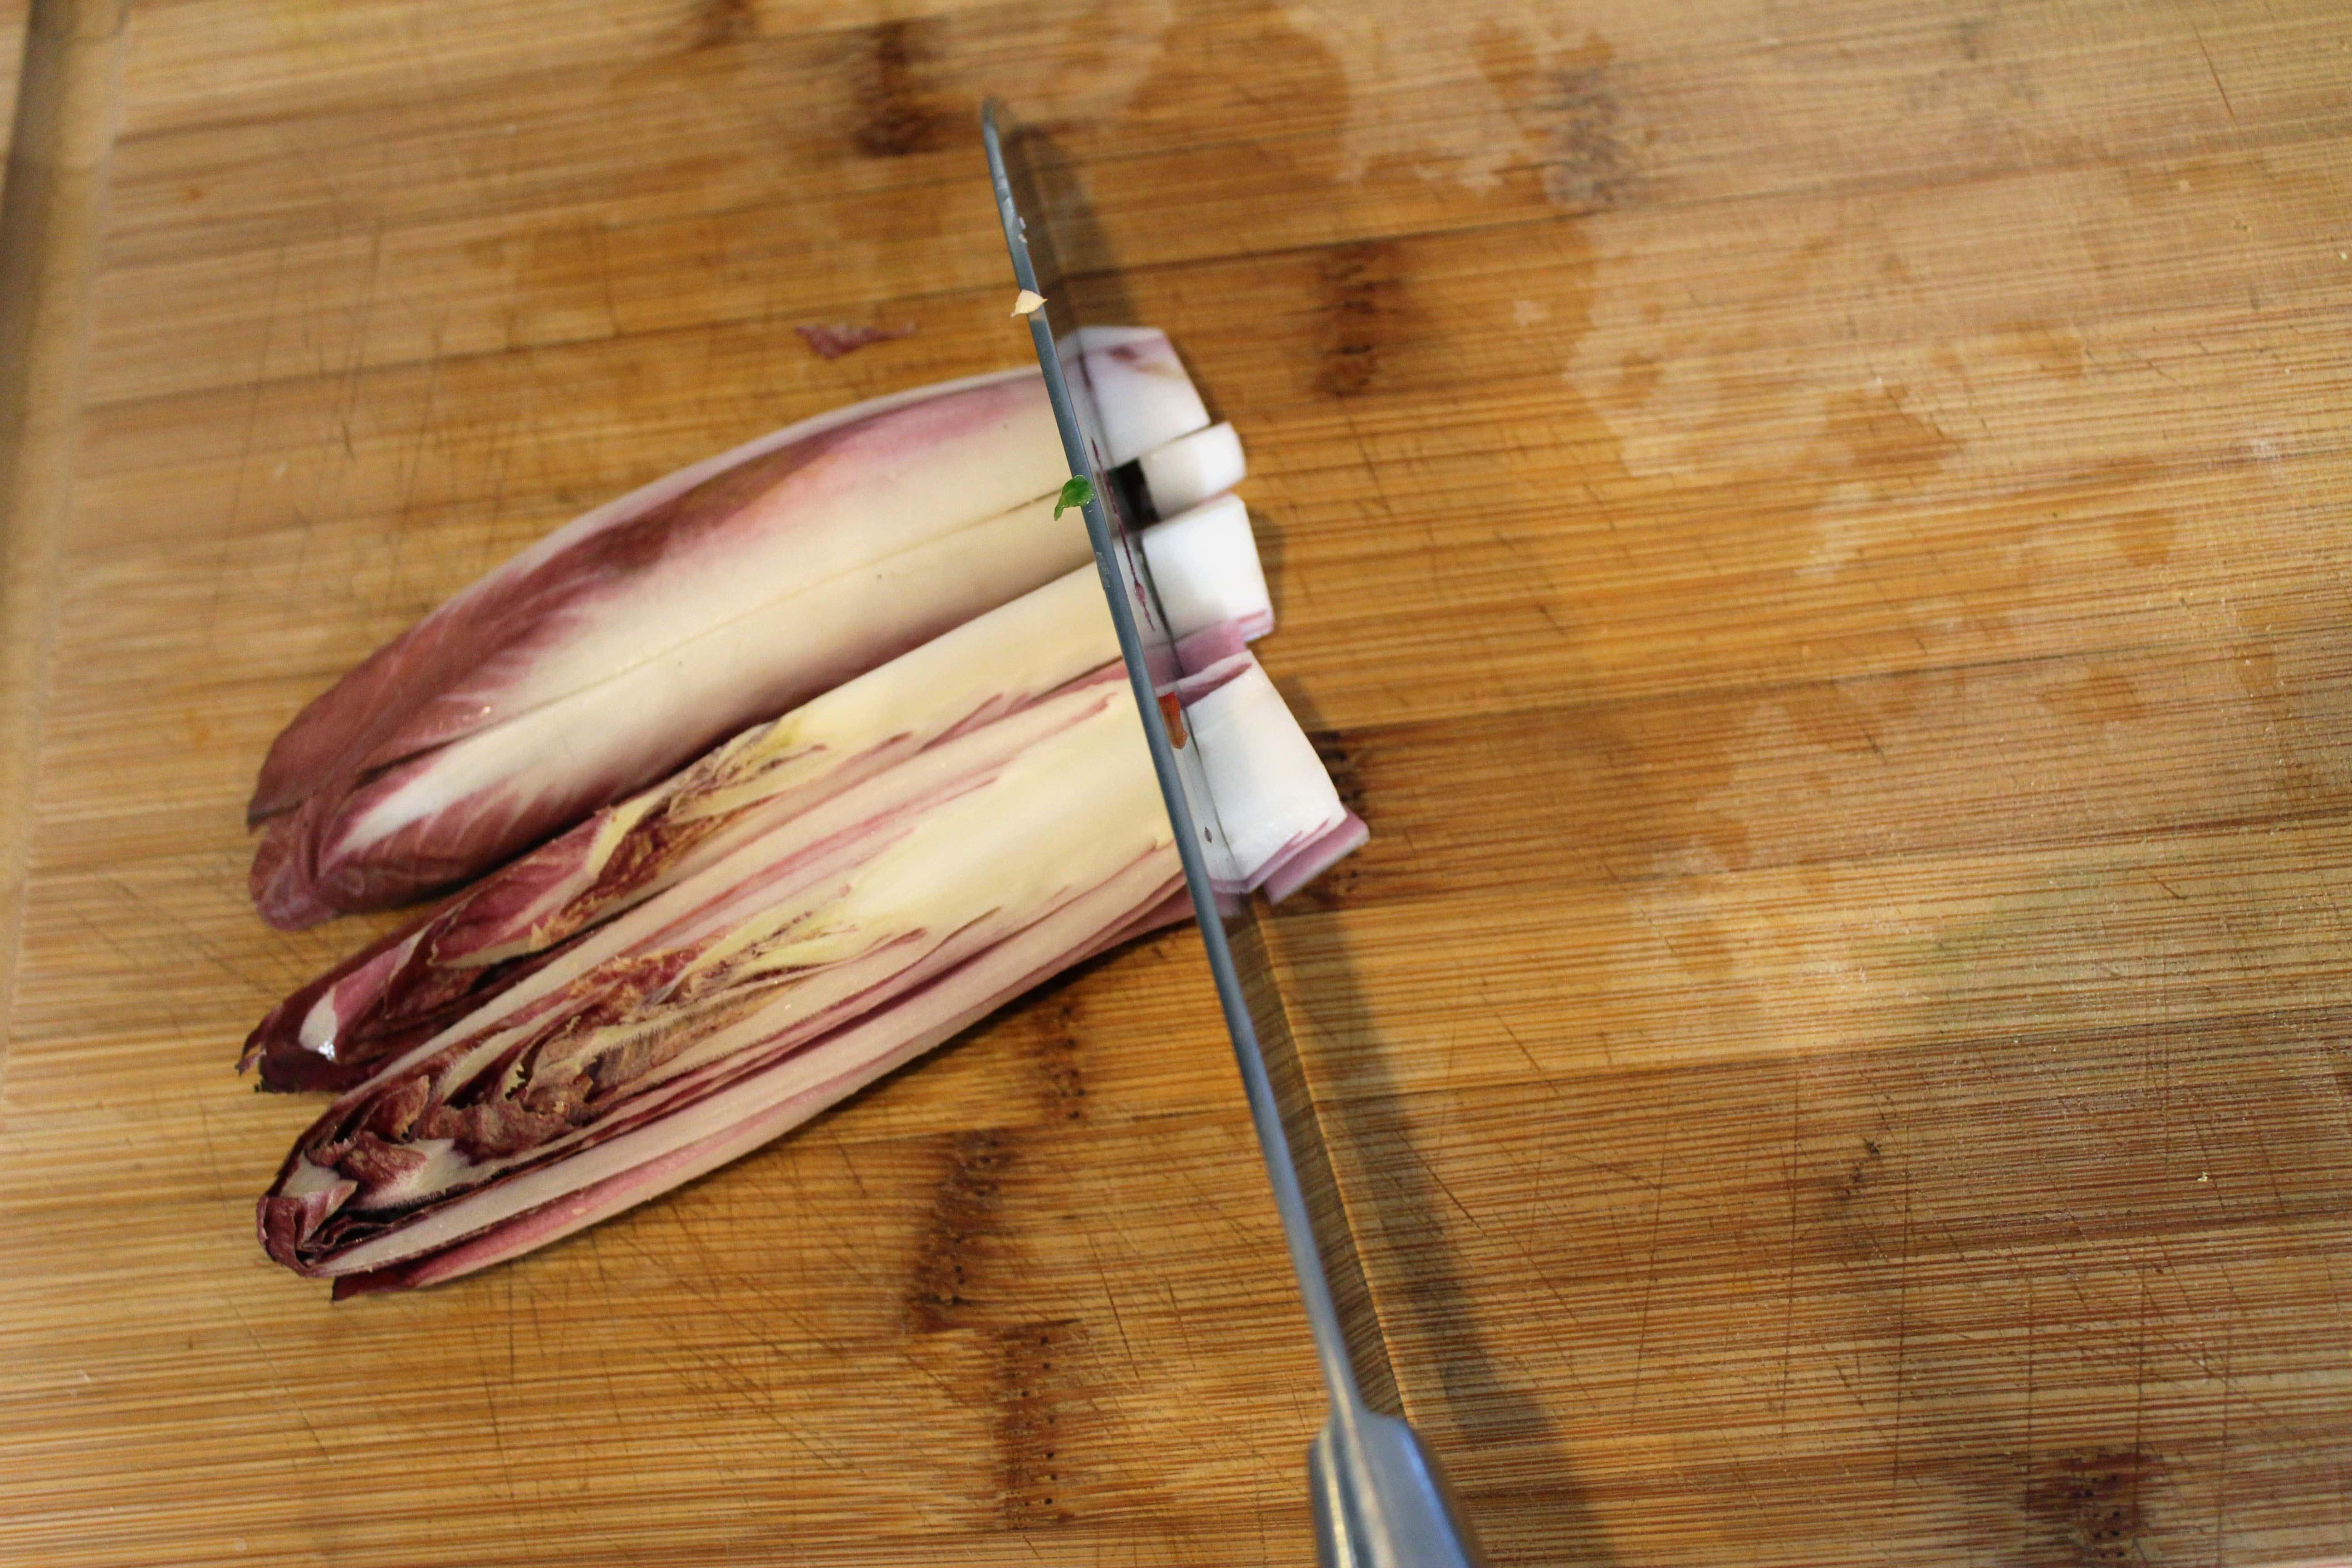 Chop endive